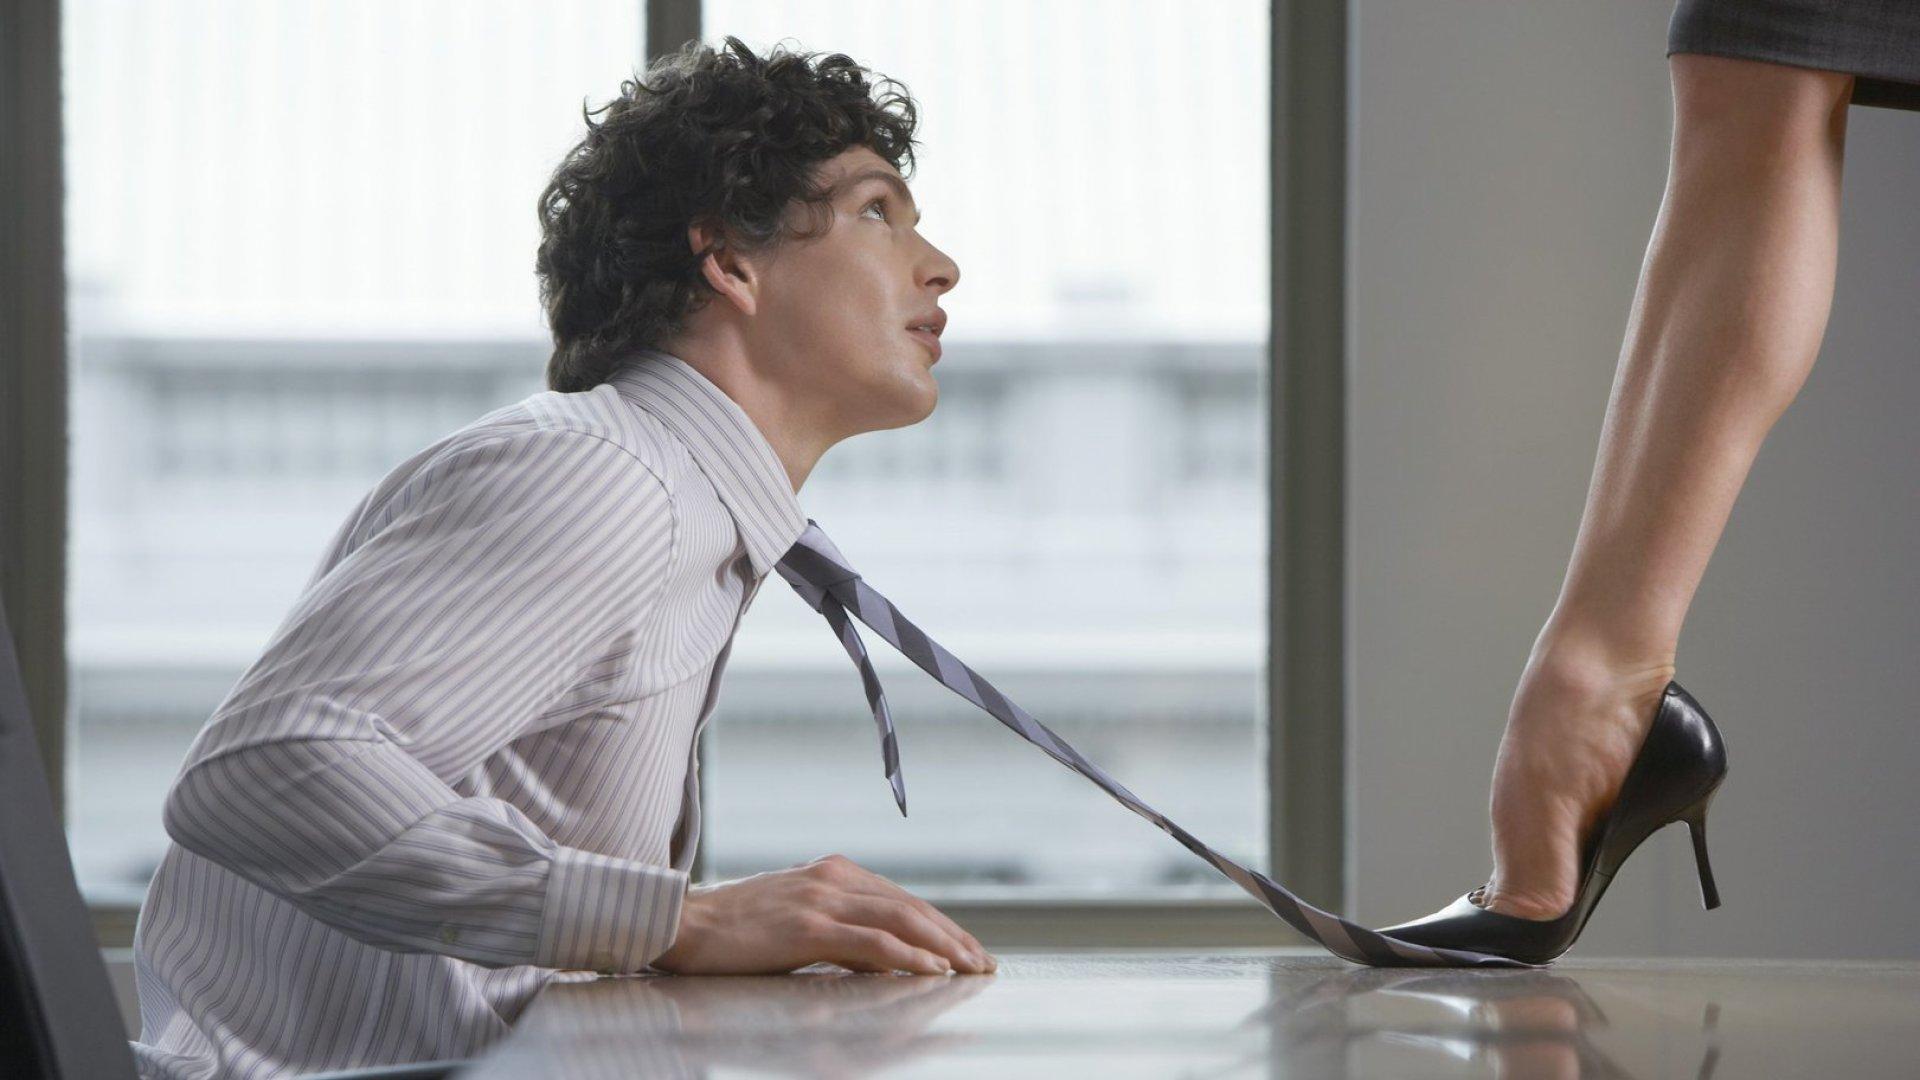 greita erekcija vyrui ką daryti poveikis organizmui pailginti erekciją